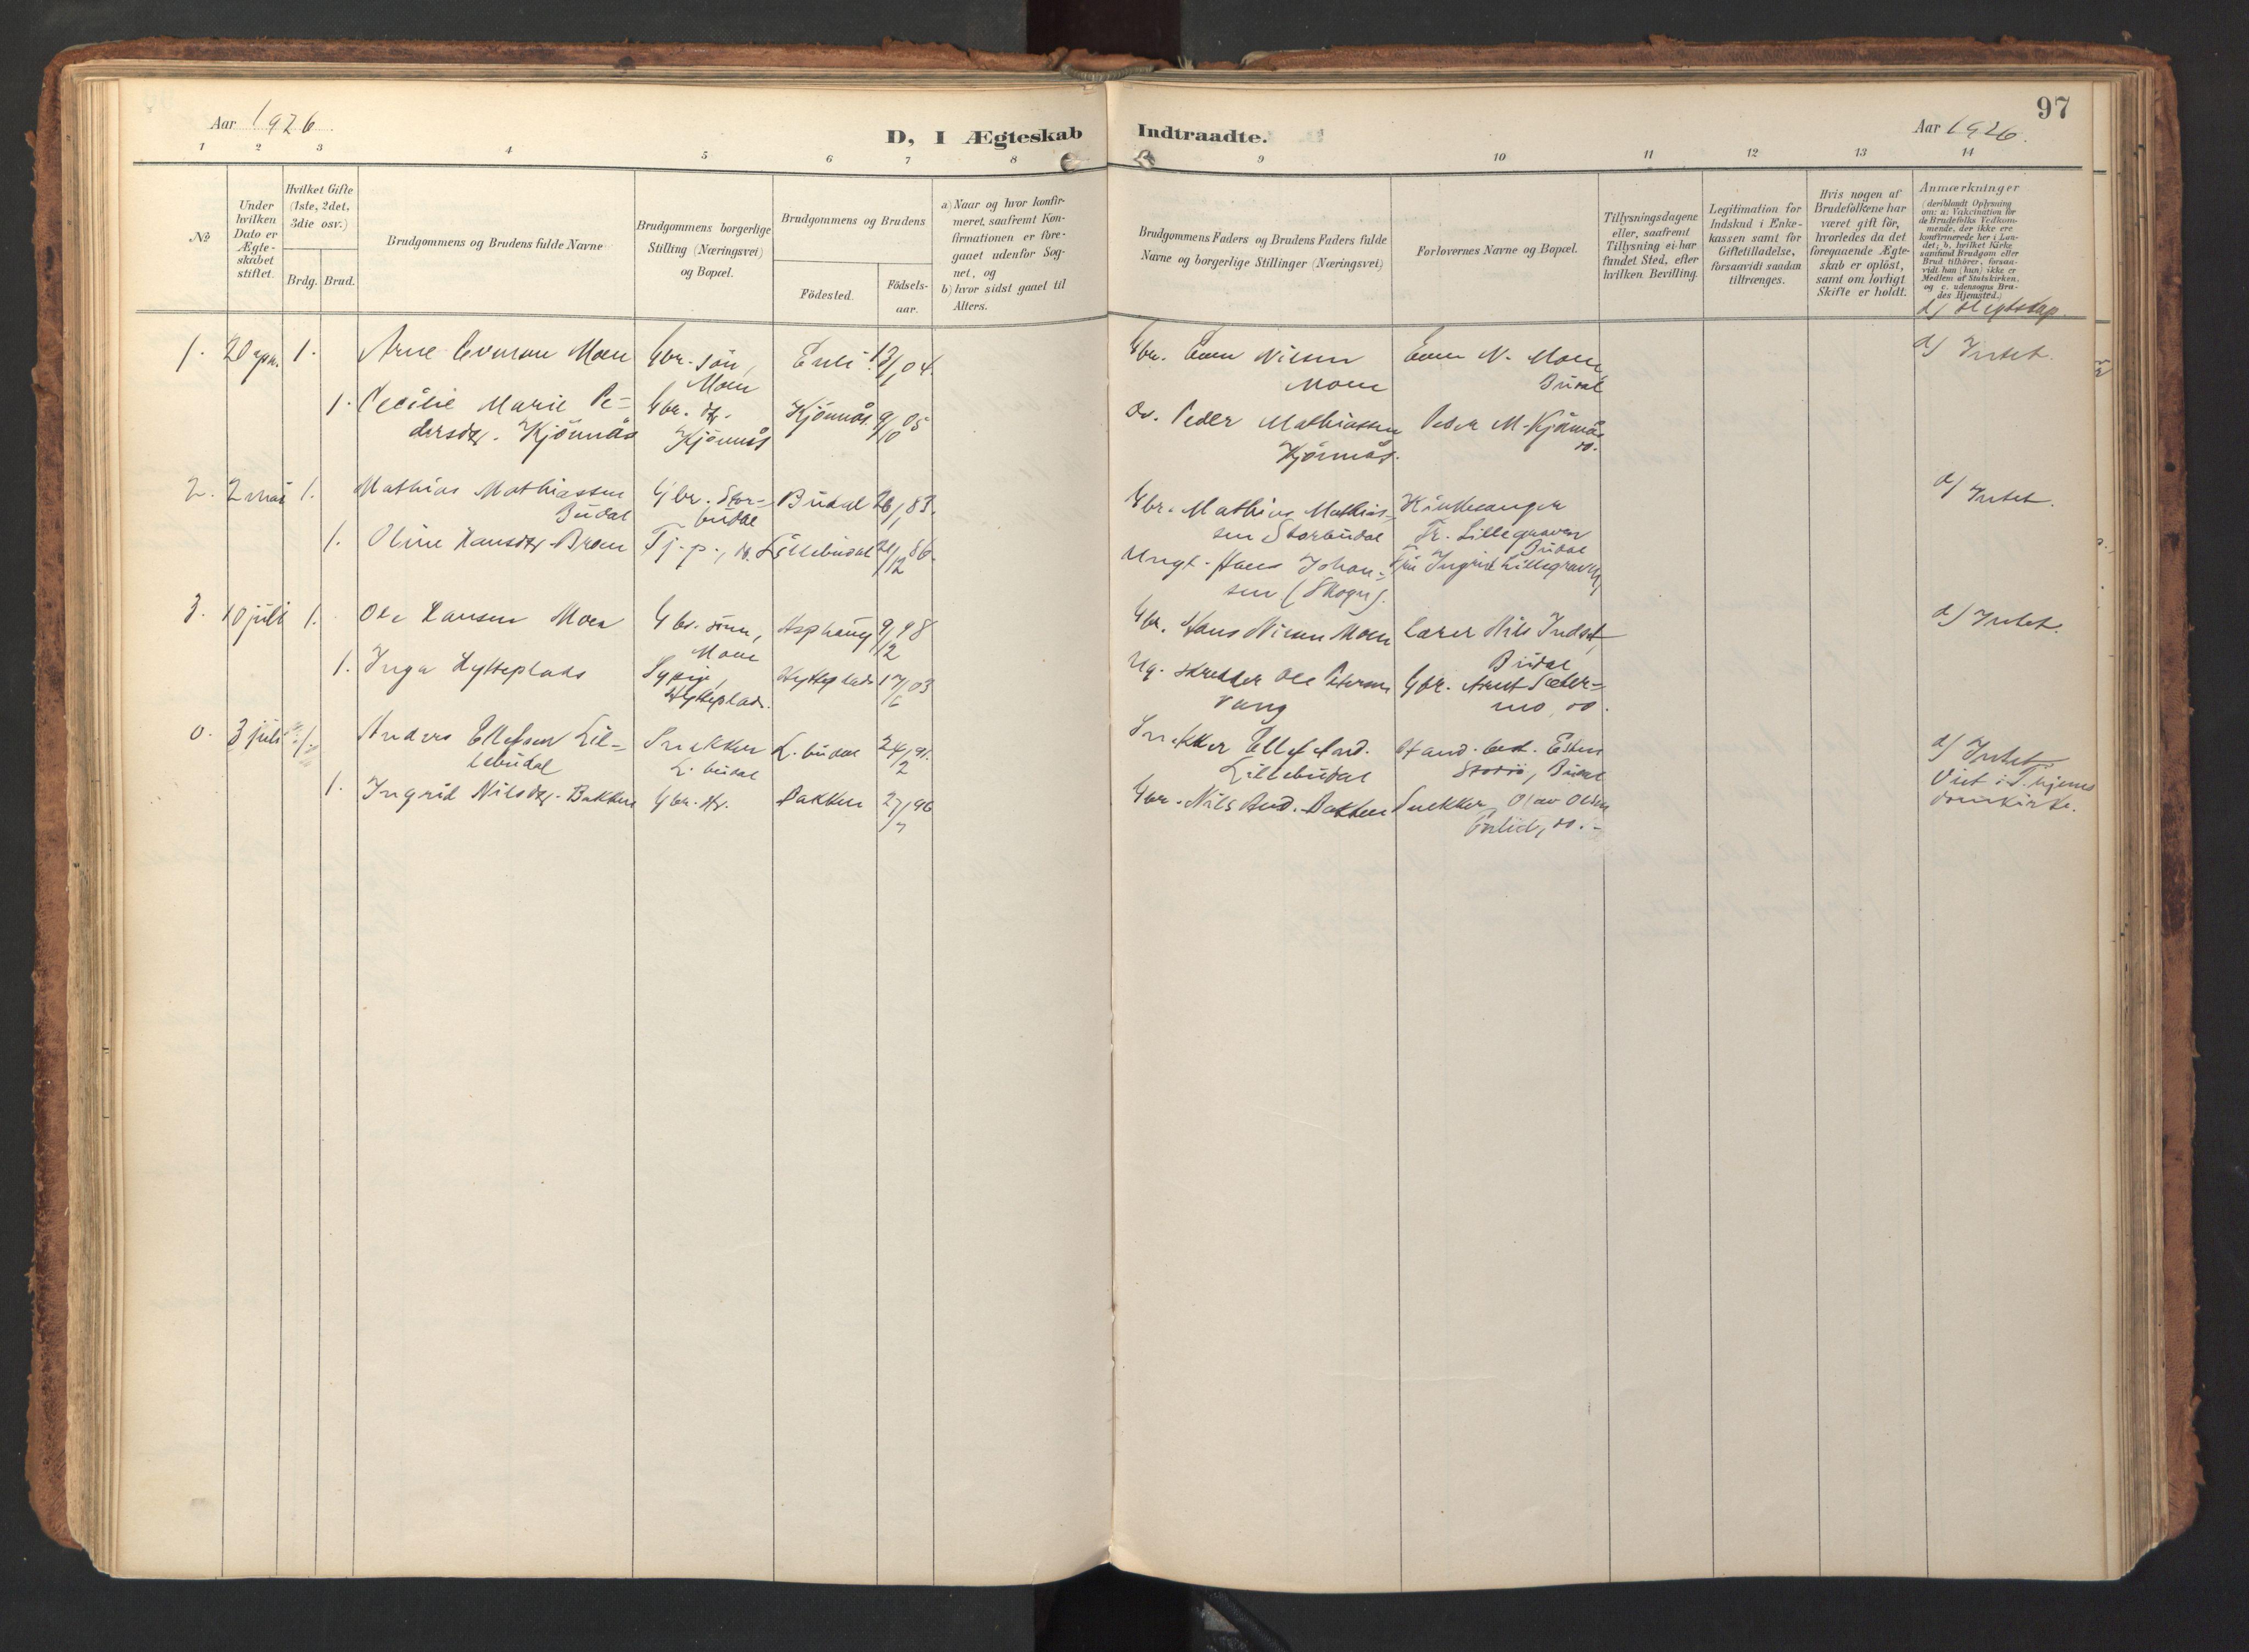 SAT, Ministerialprotokoller, klokkerbøker og fødselsregistre - Sør-Trøndelag, 690/L1050: Ministerialbok nr. 690A01, 1889-1929, s. 97